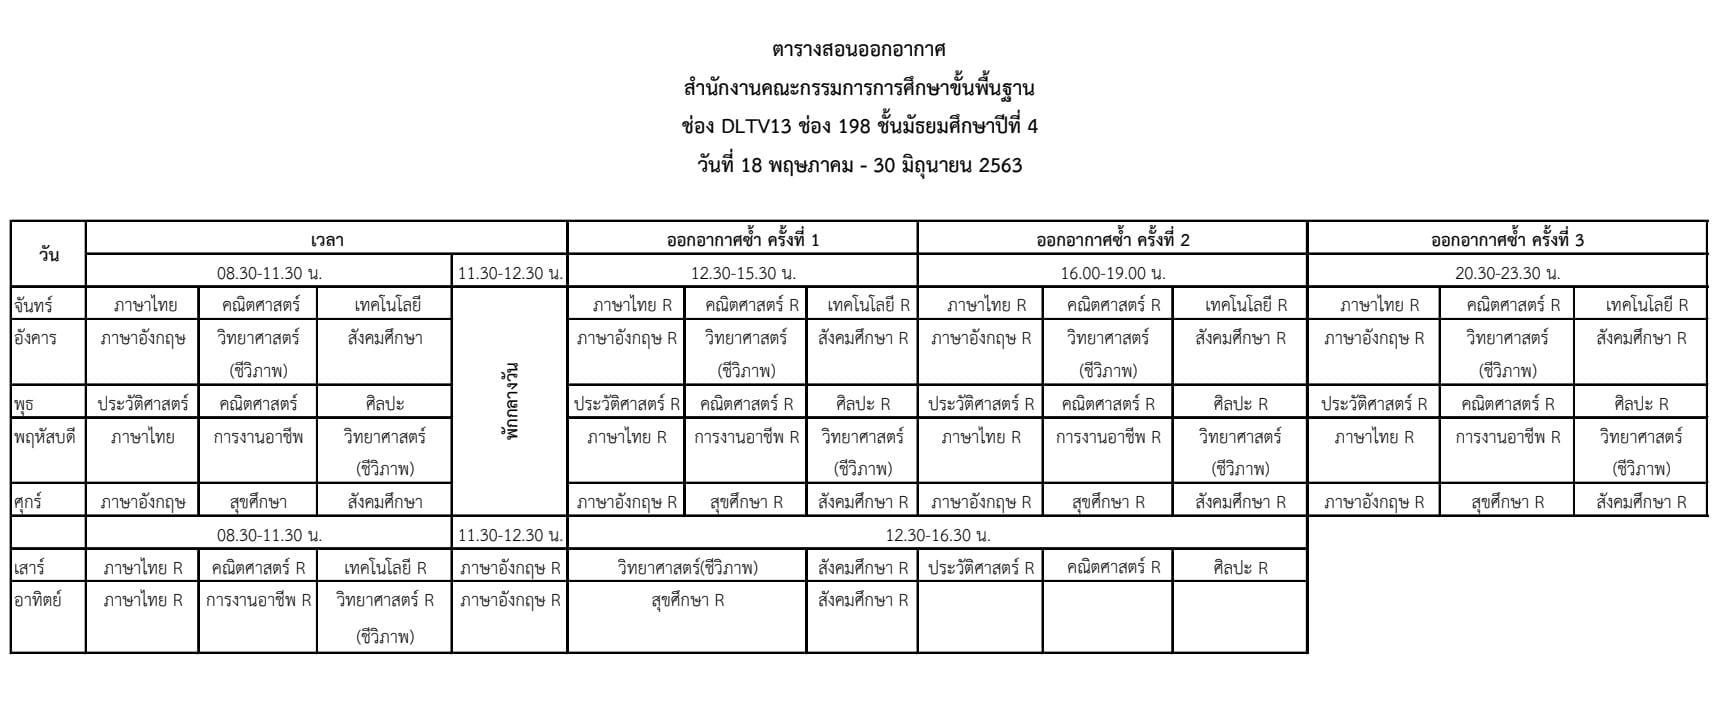 ดาวน์โหลดได้แล้ว ตารางสอนออกอากาศ DLTV ระดับชั้นมัธยมศึกษาปีที่ 4-6 ระหว่างวันที่ 18 พฤษภาคม - 30 มิถุนายน 2563